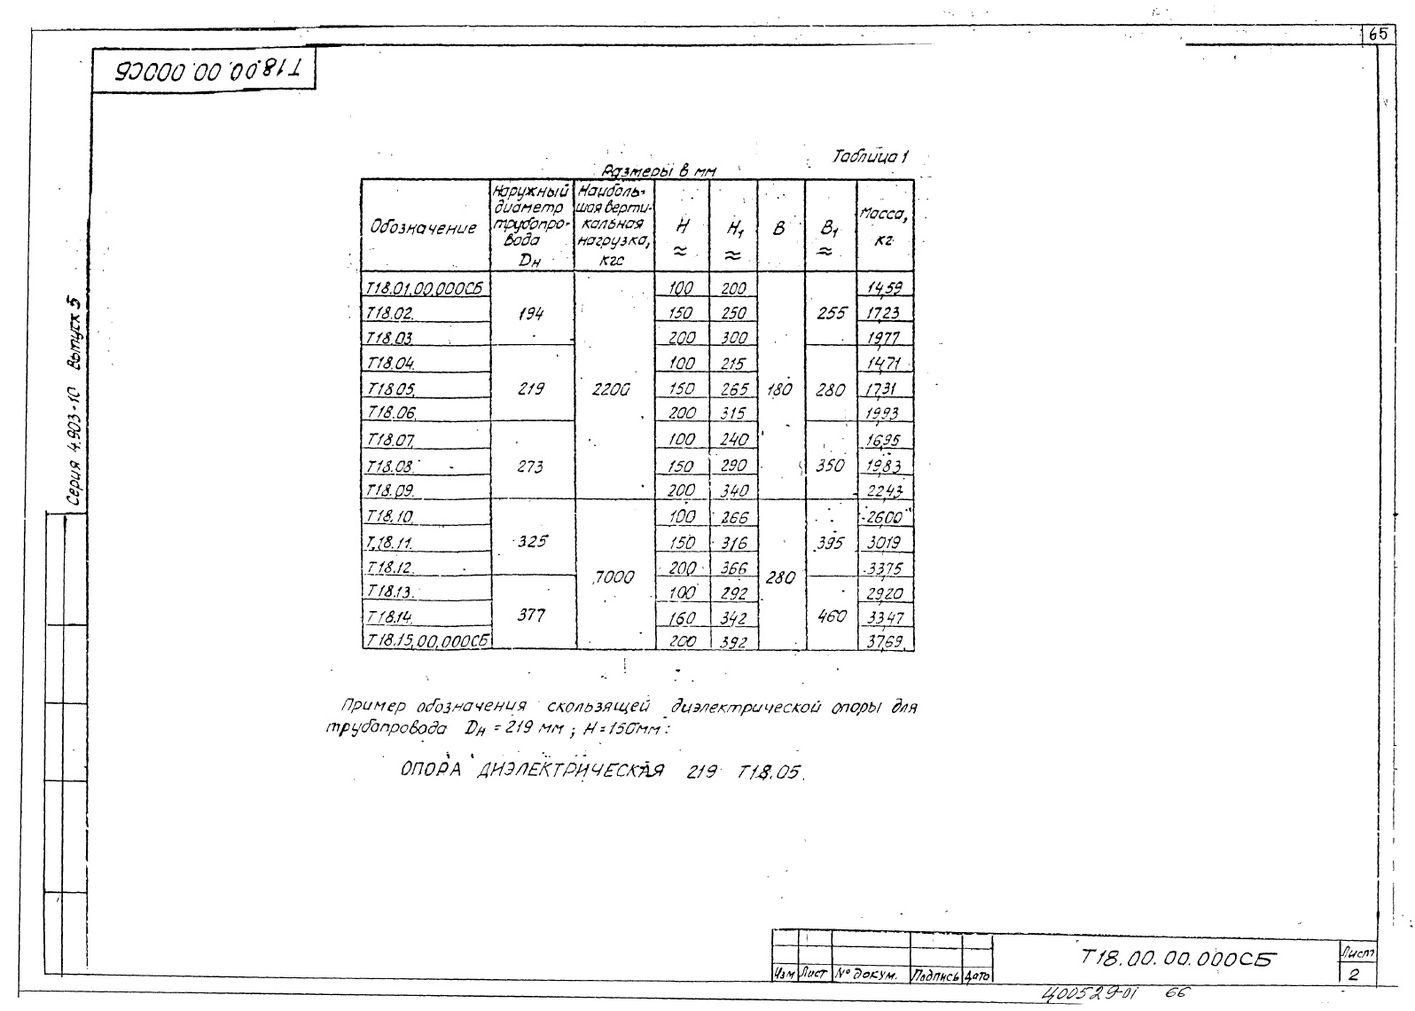 Опоры скользящие диэлектрические Т18 серия 4.903-10 вып.5 стр.2